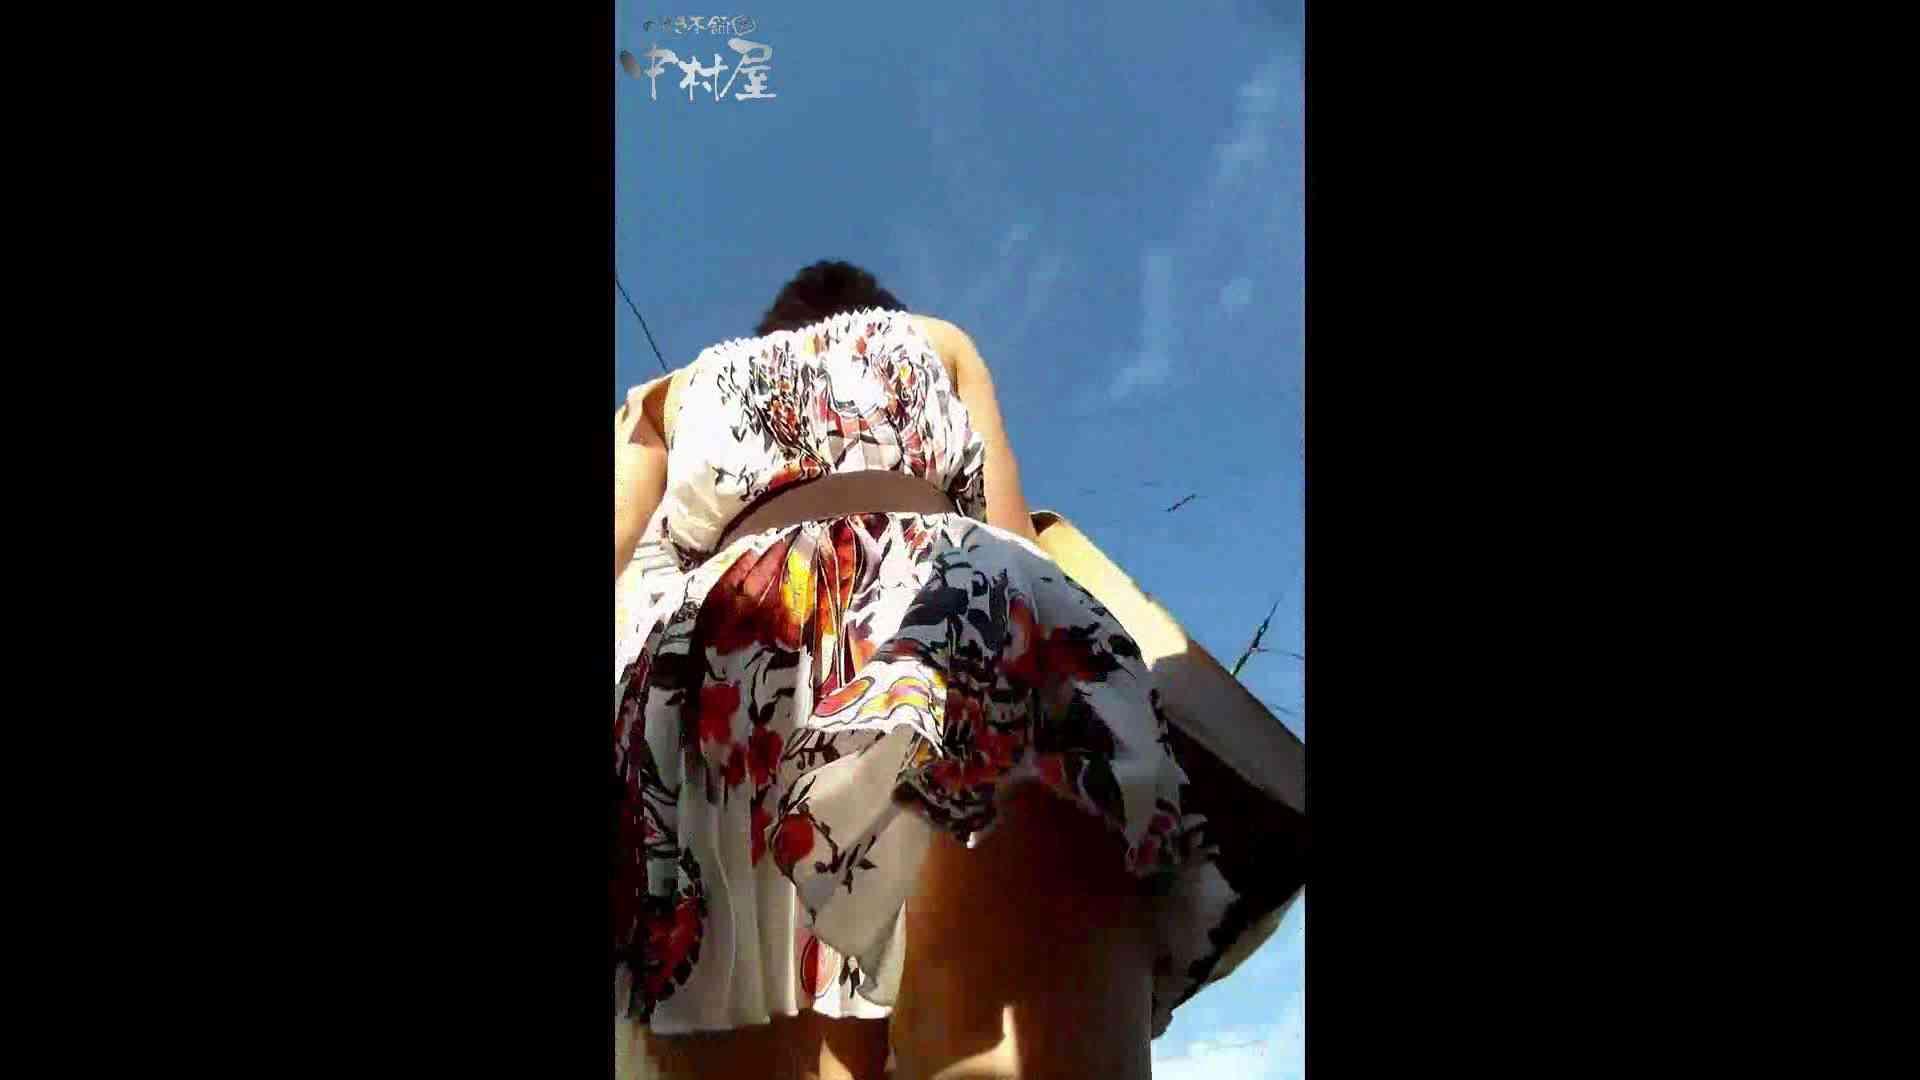 綺麗なモデルさんのスカート捲っちゃおう‼ vol21 お姉さんヌード  100画像 28